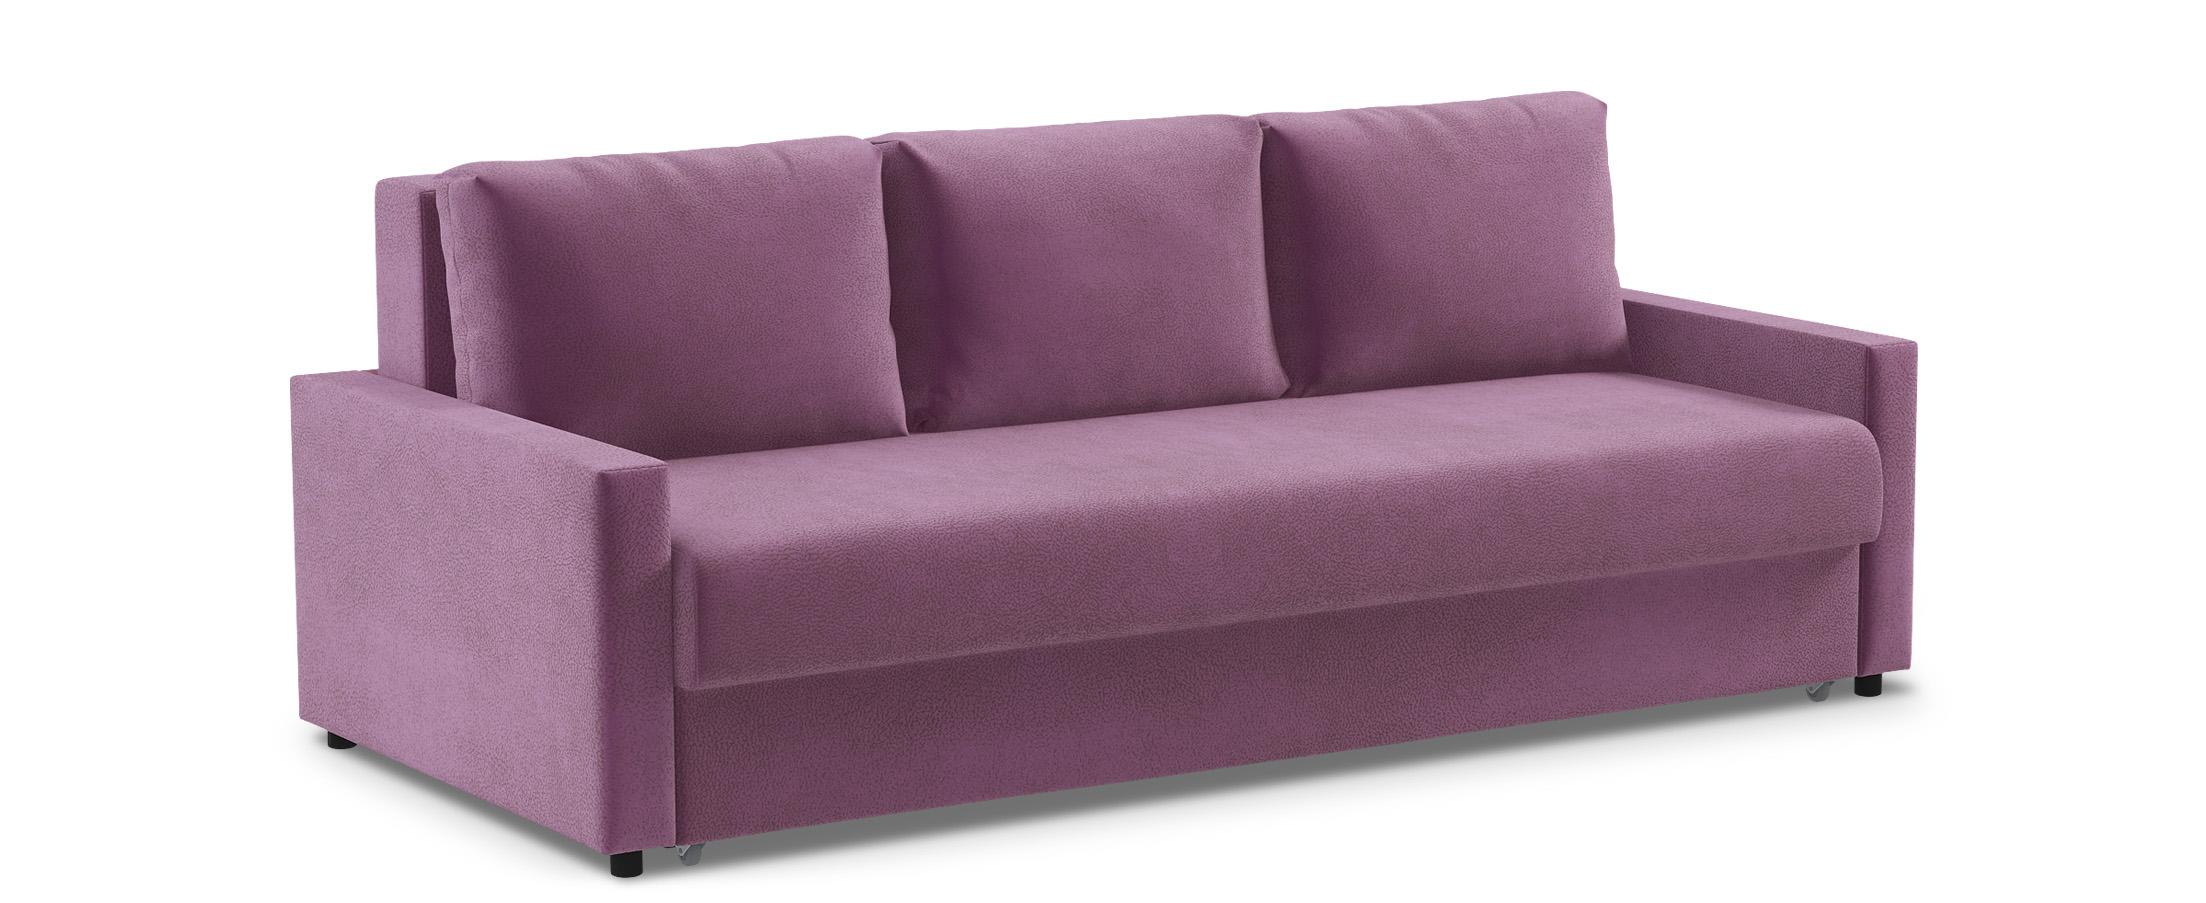 Диван прямой еврокнижка фиолетовый Дублин 132